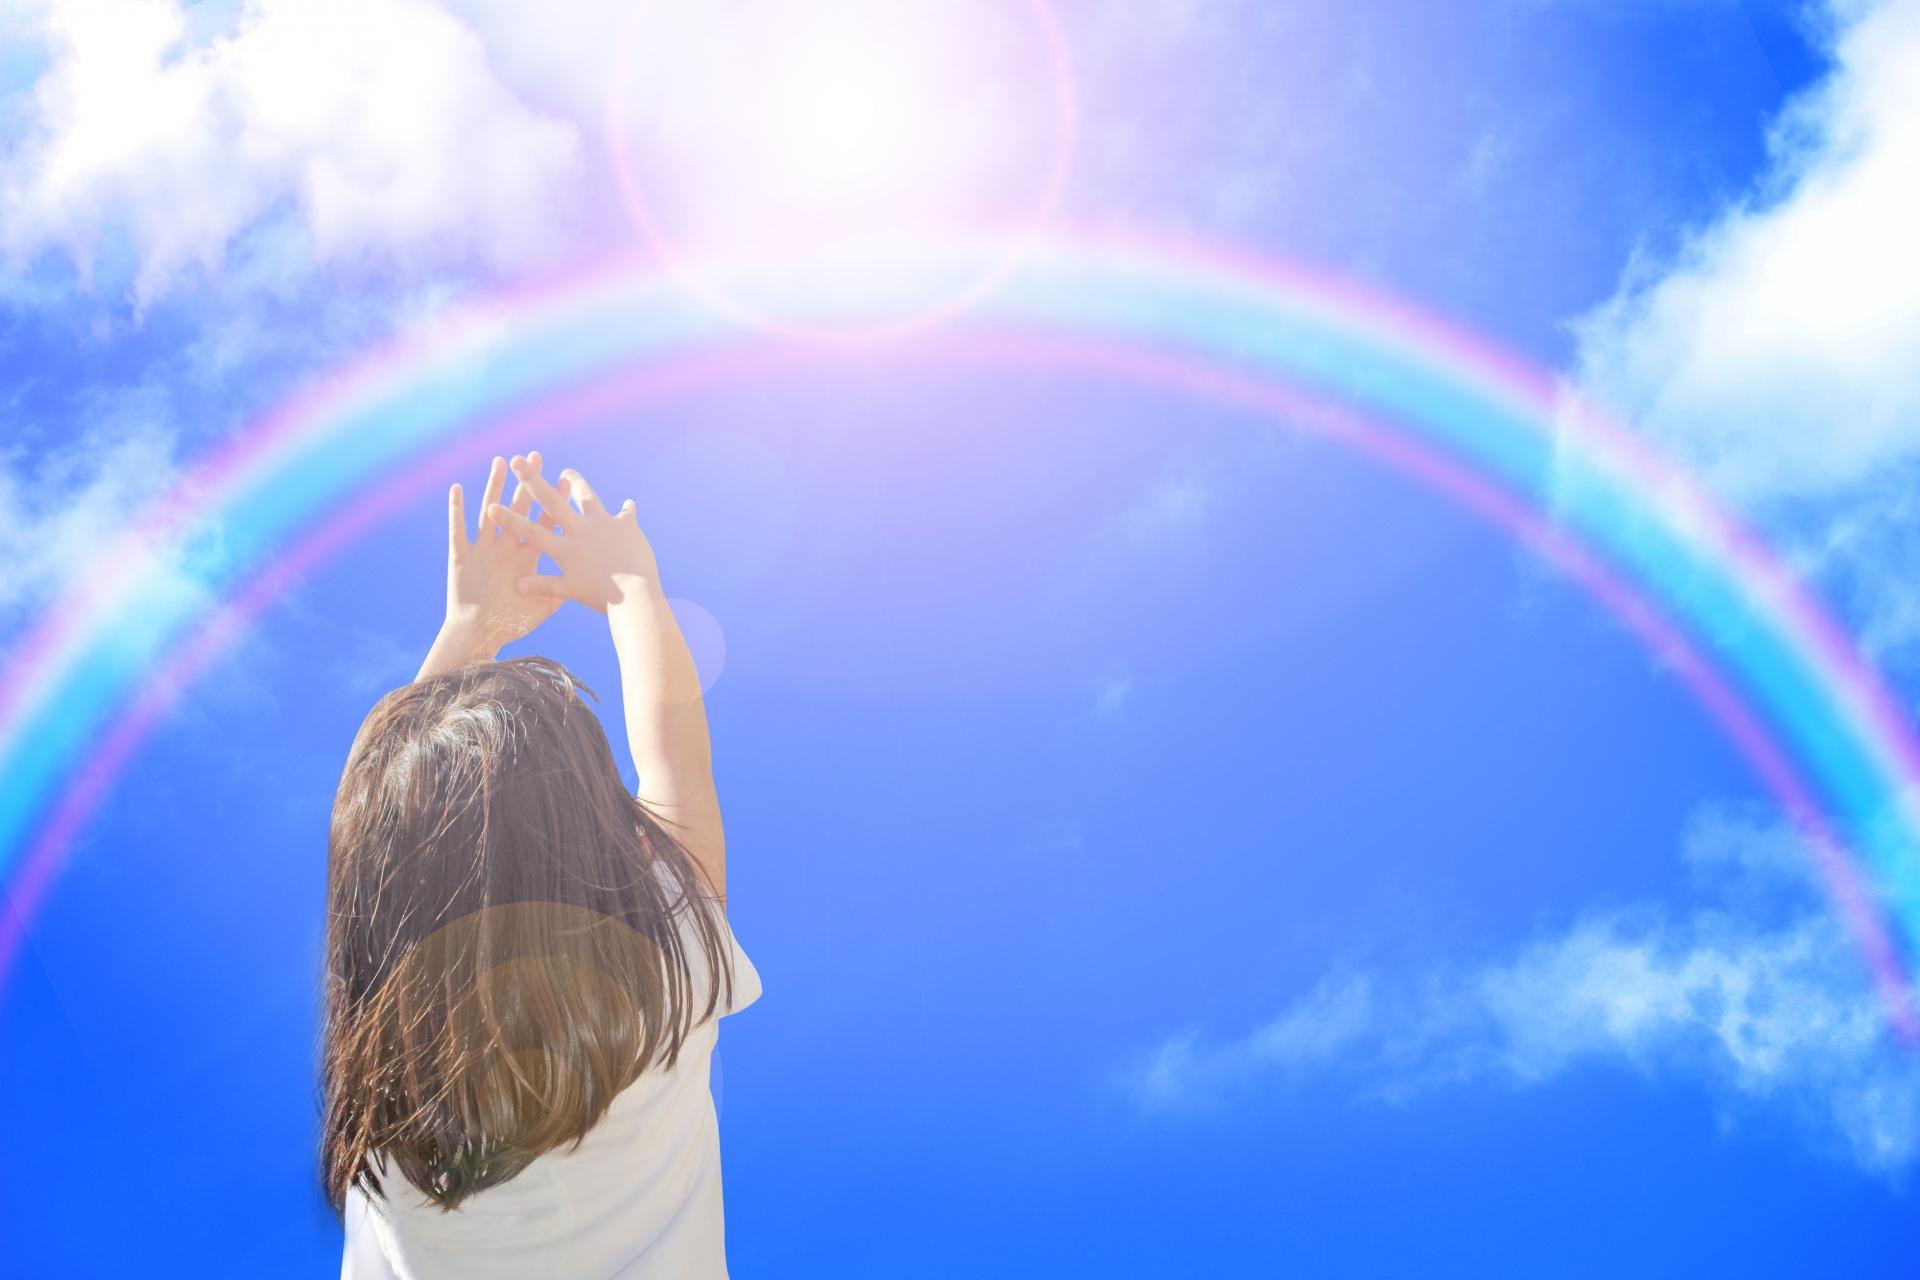 自分で時間を考え、行動できる子に育つ!【5つのステップ】の画像4